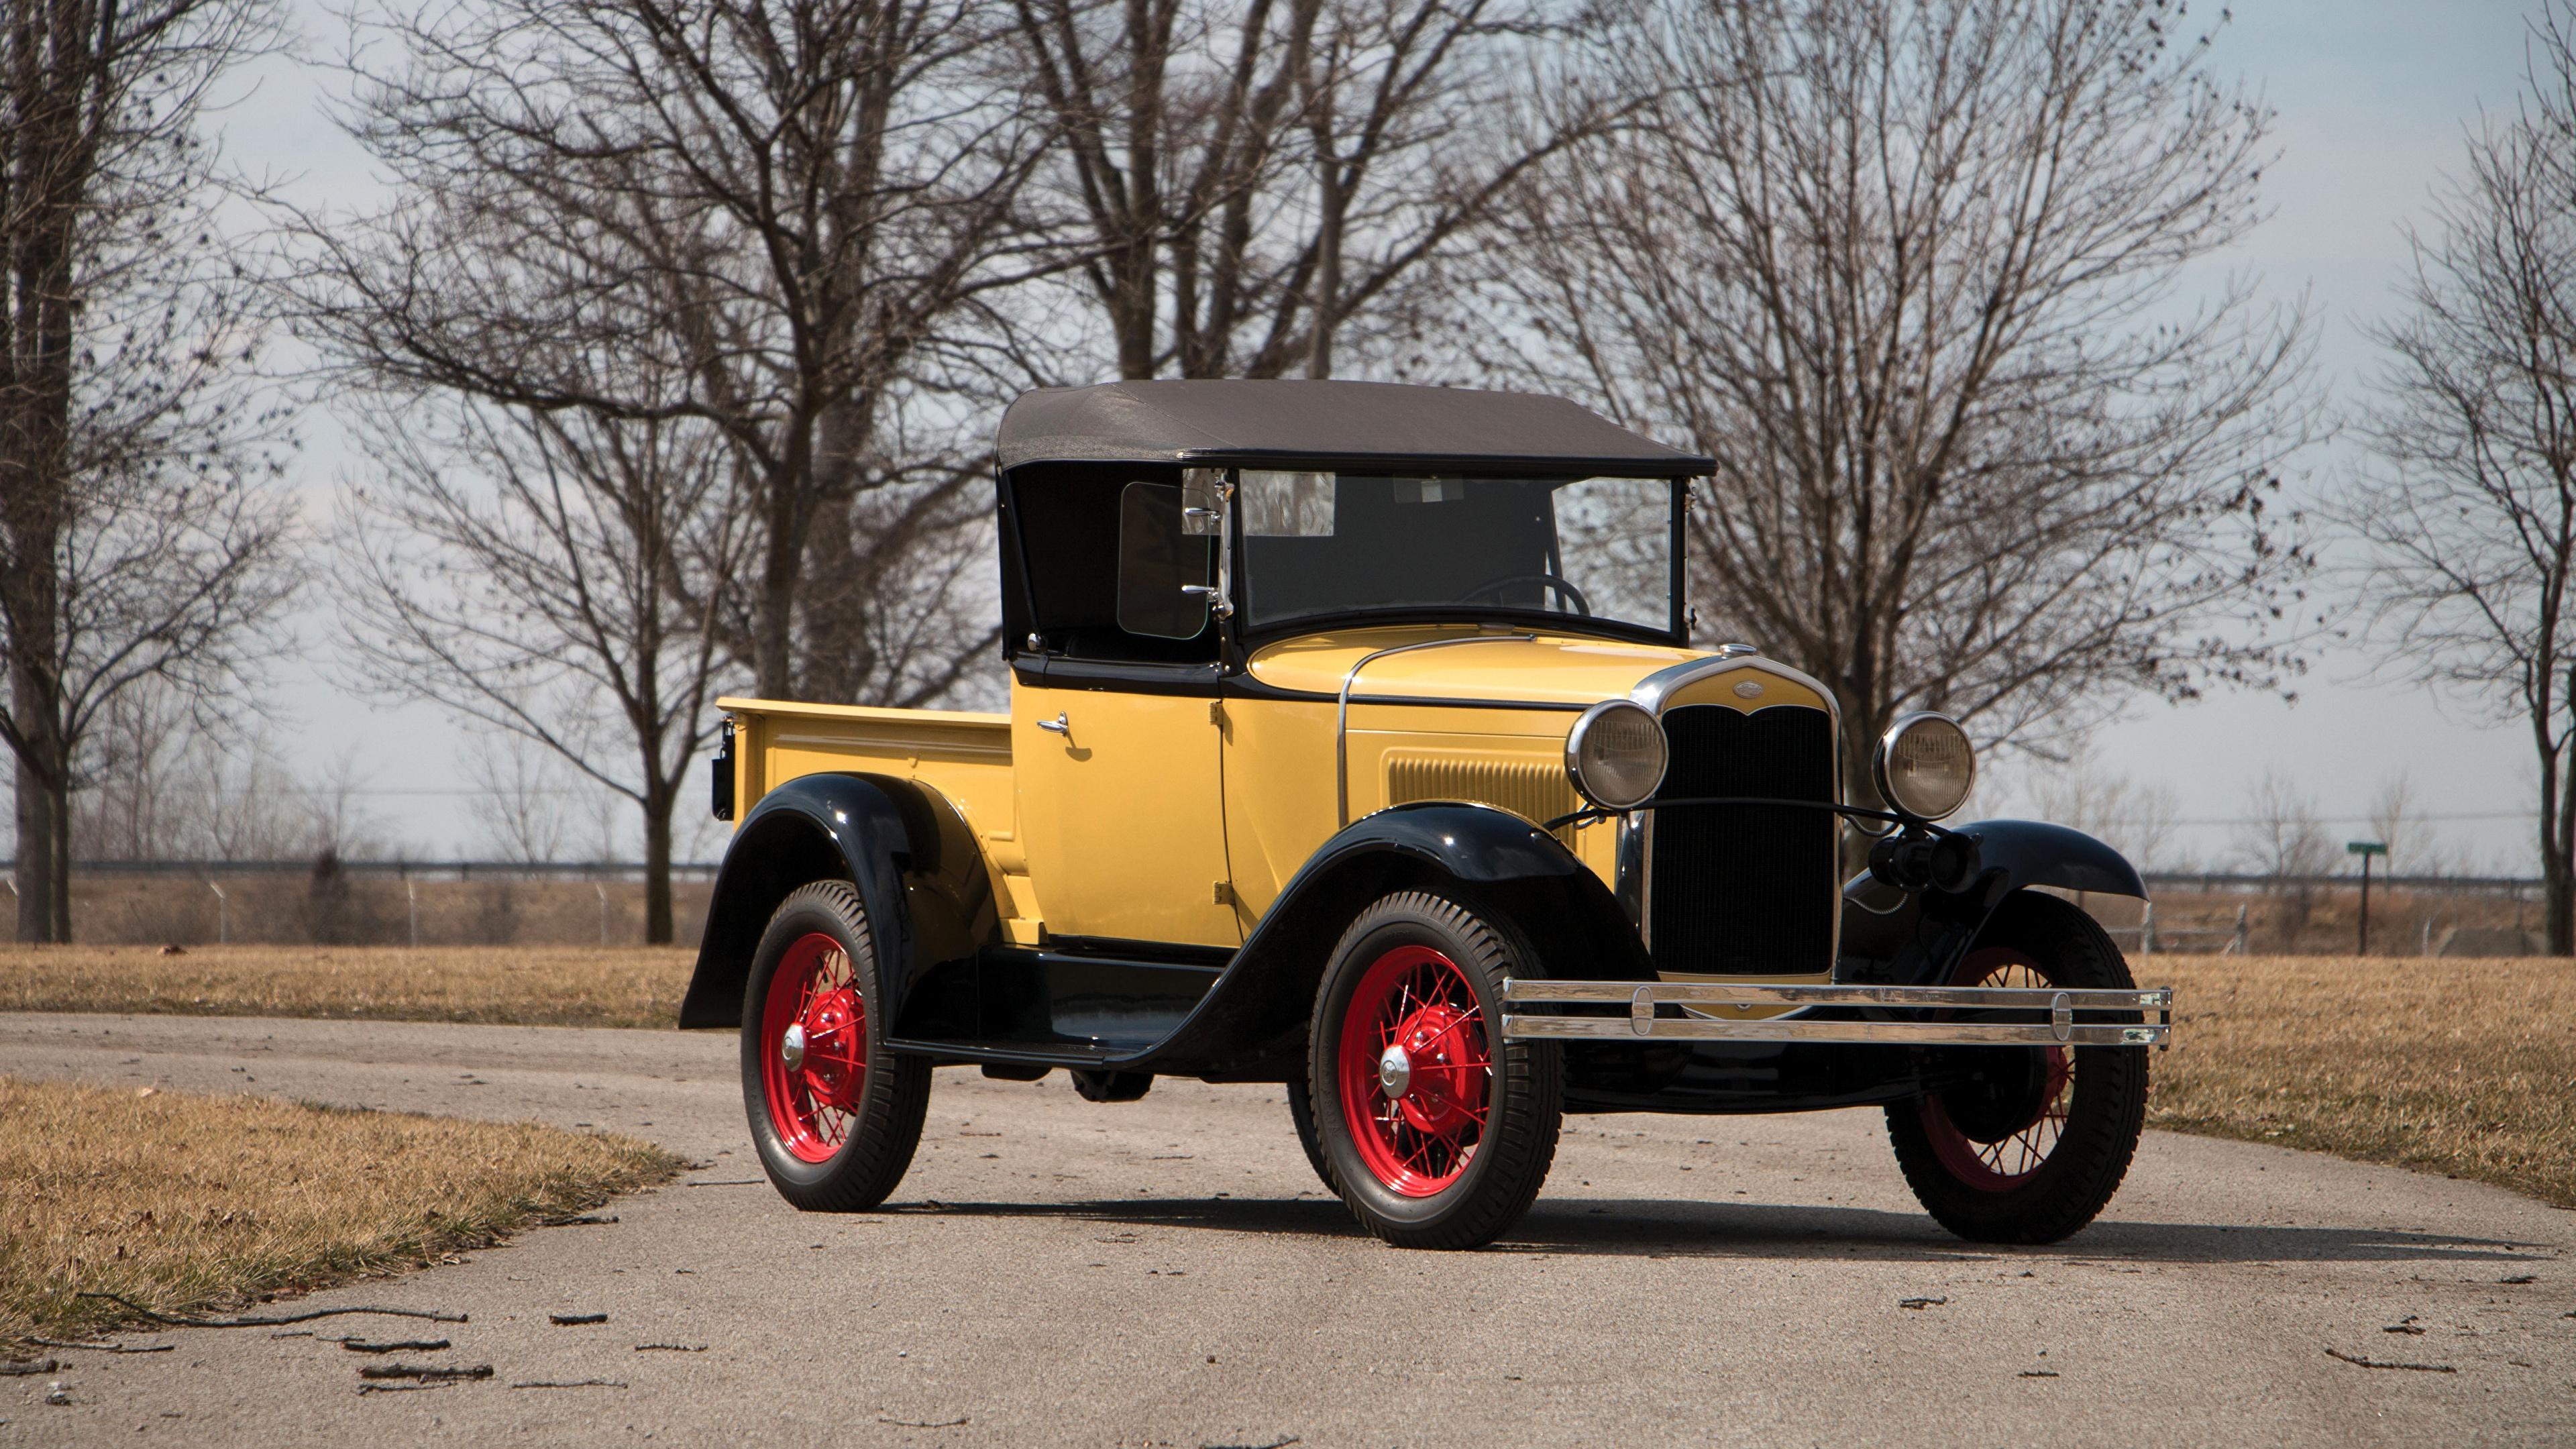 Papeis De Parede 3840x2160 Ford Retro 1931 Model A Roadster Pickup Amarelo Carros Baixar Imagens